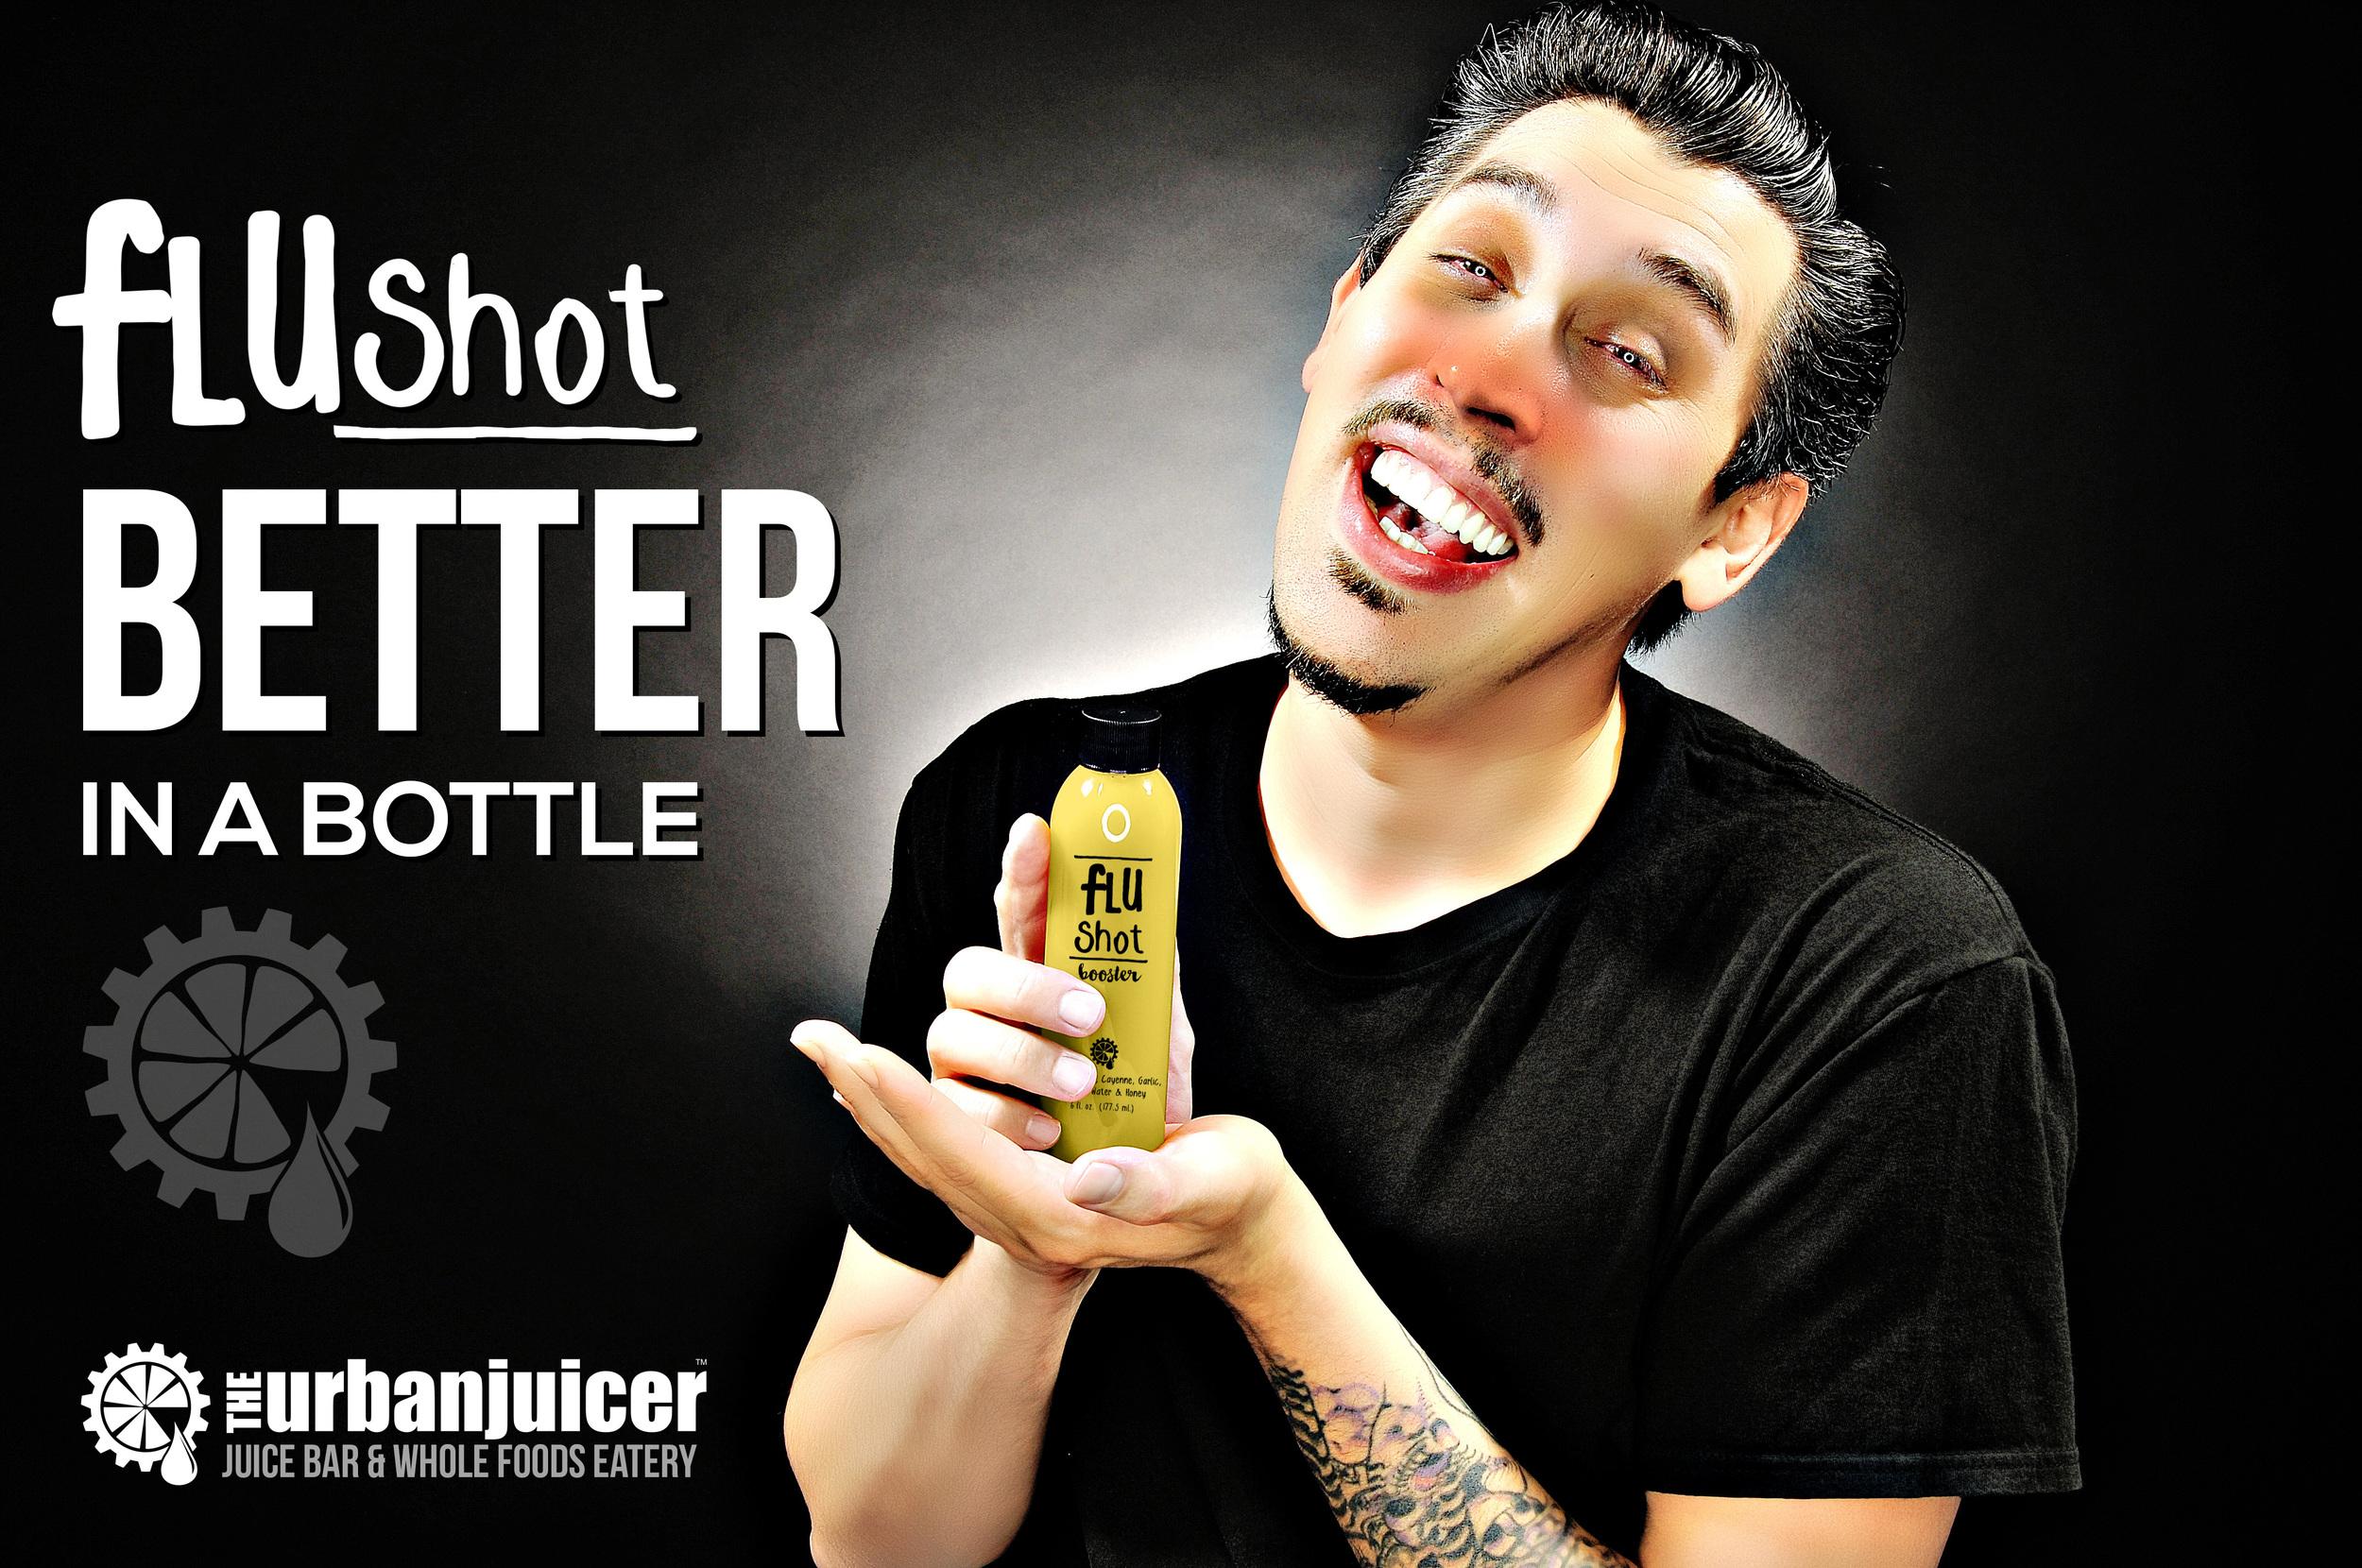 Dustin-Flu-Shot-Black-BG-Bonus-01.jpg